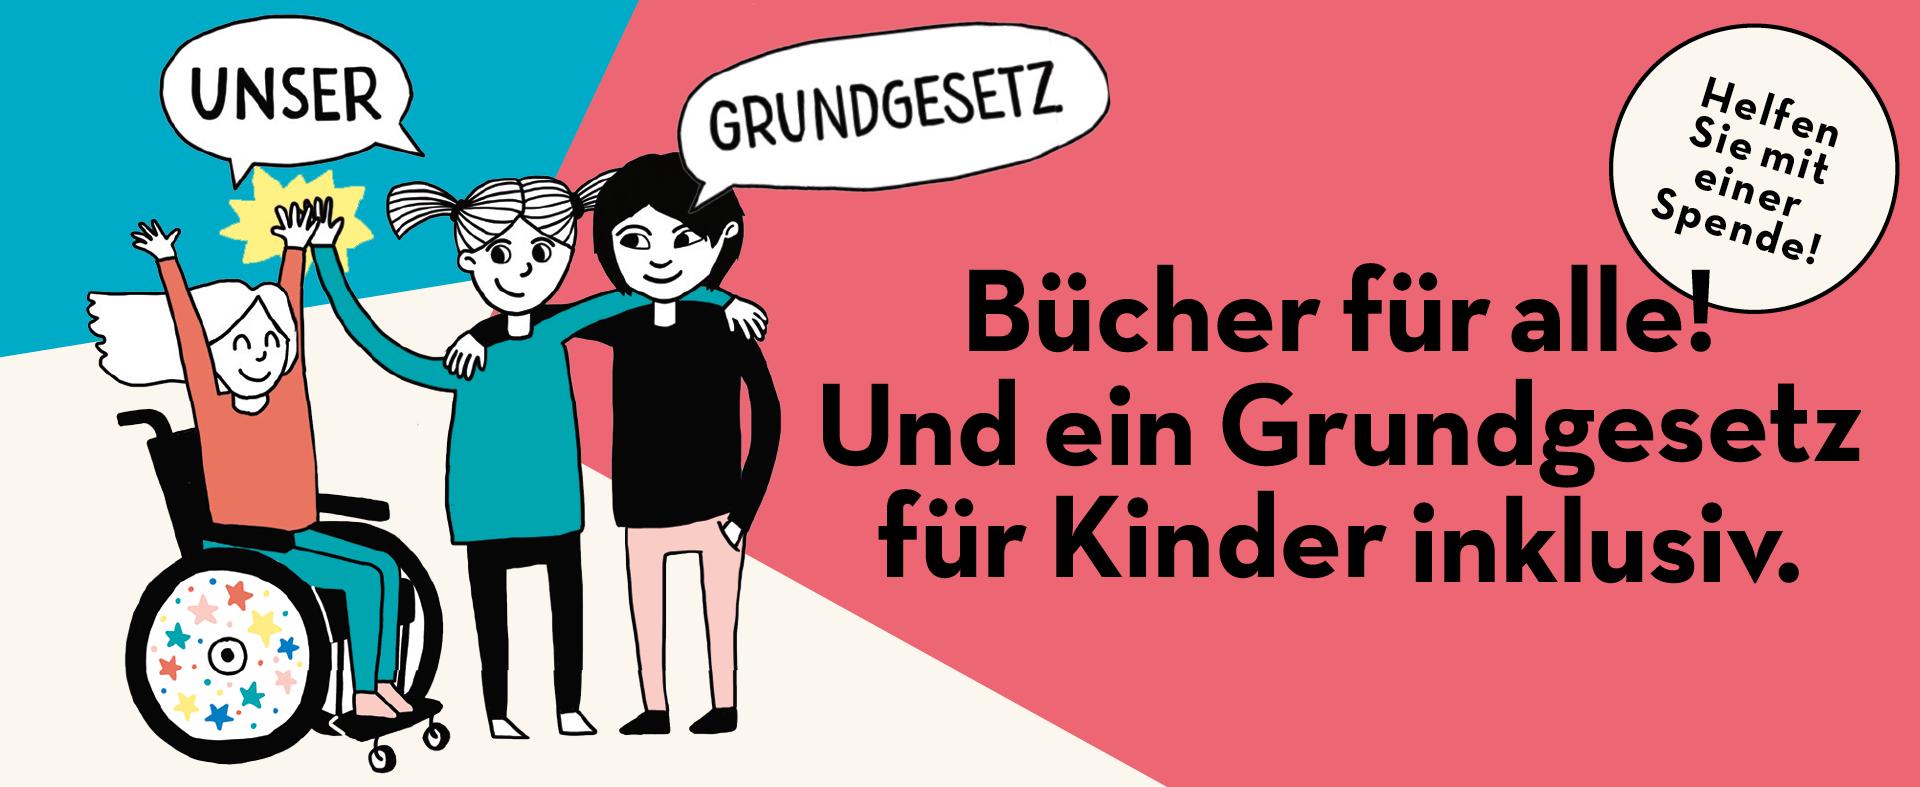 """Kindergruppe mit drei Sprechblasen: """"Unser Grundgesetz"""" - """"Helfen Sie mit einer Spende"""""""